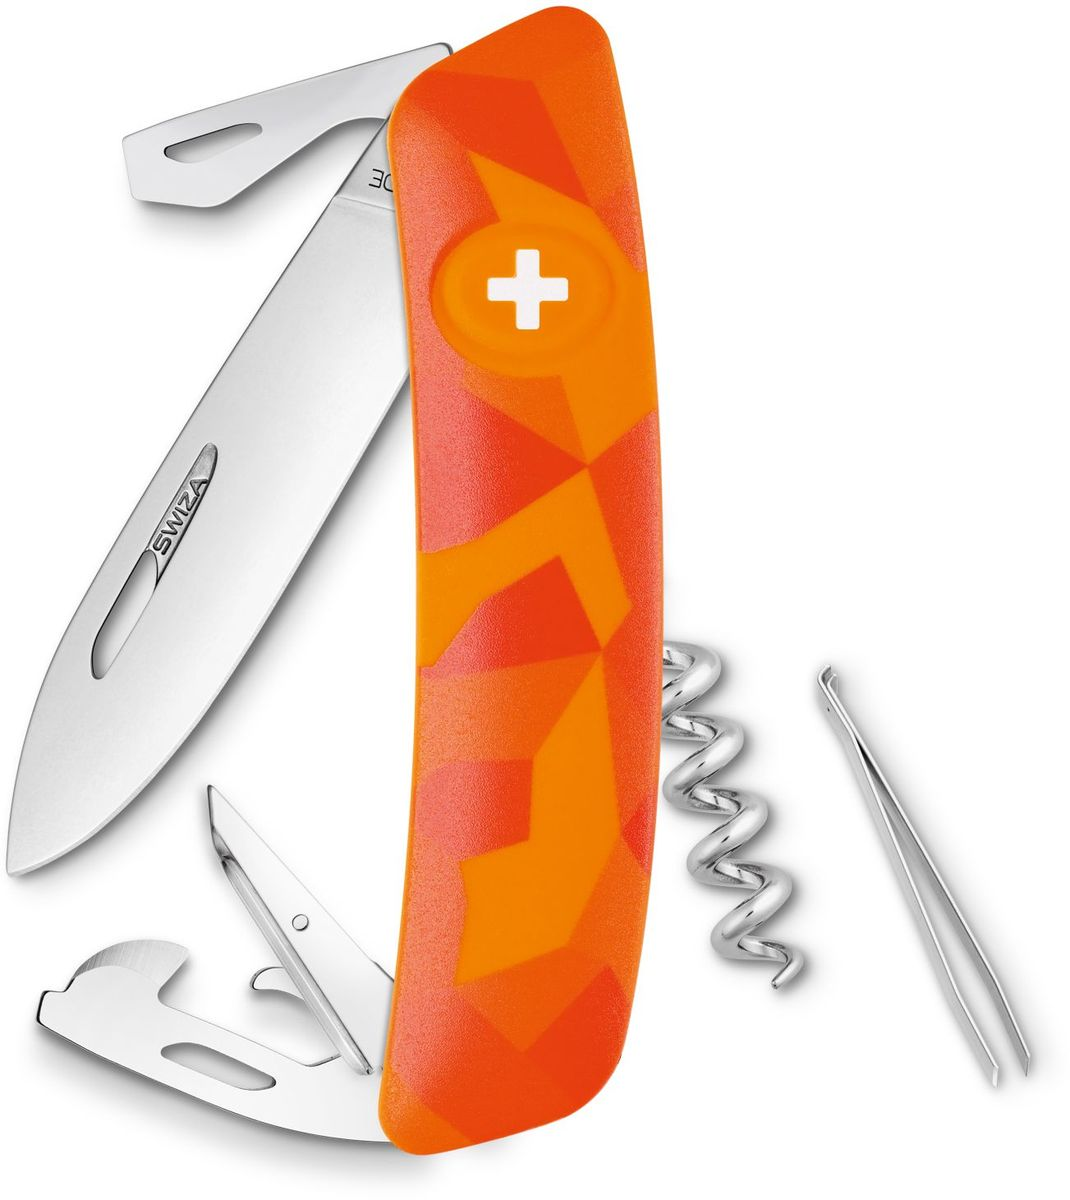 Нож швейцарский SWIZA С03, цвет: оранжевый, длина клинка 7,5 см